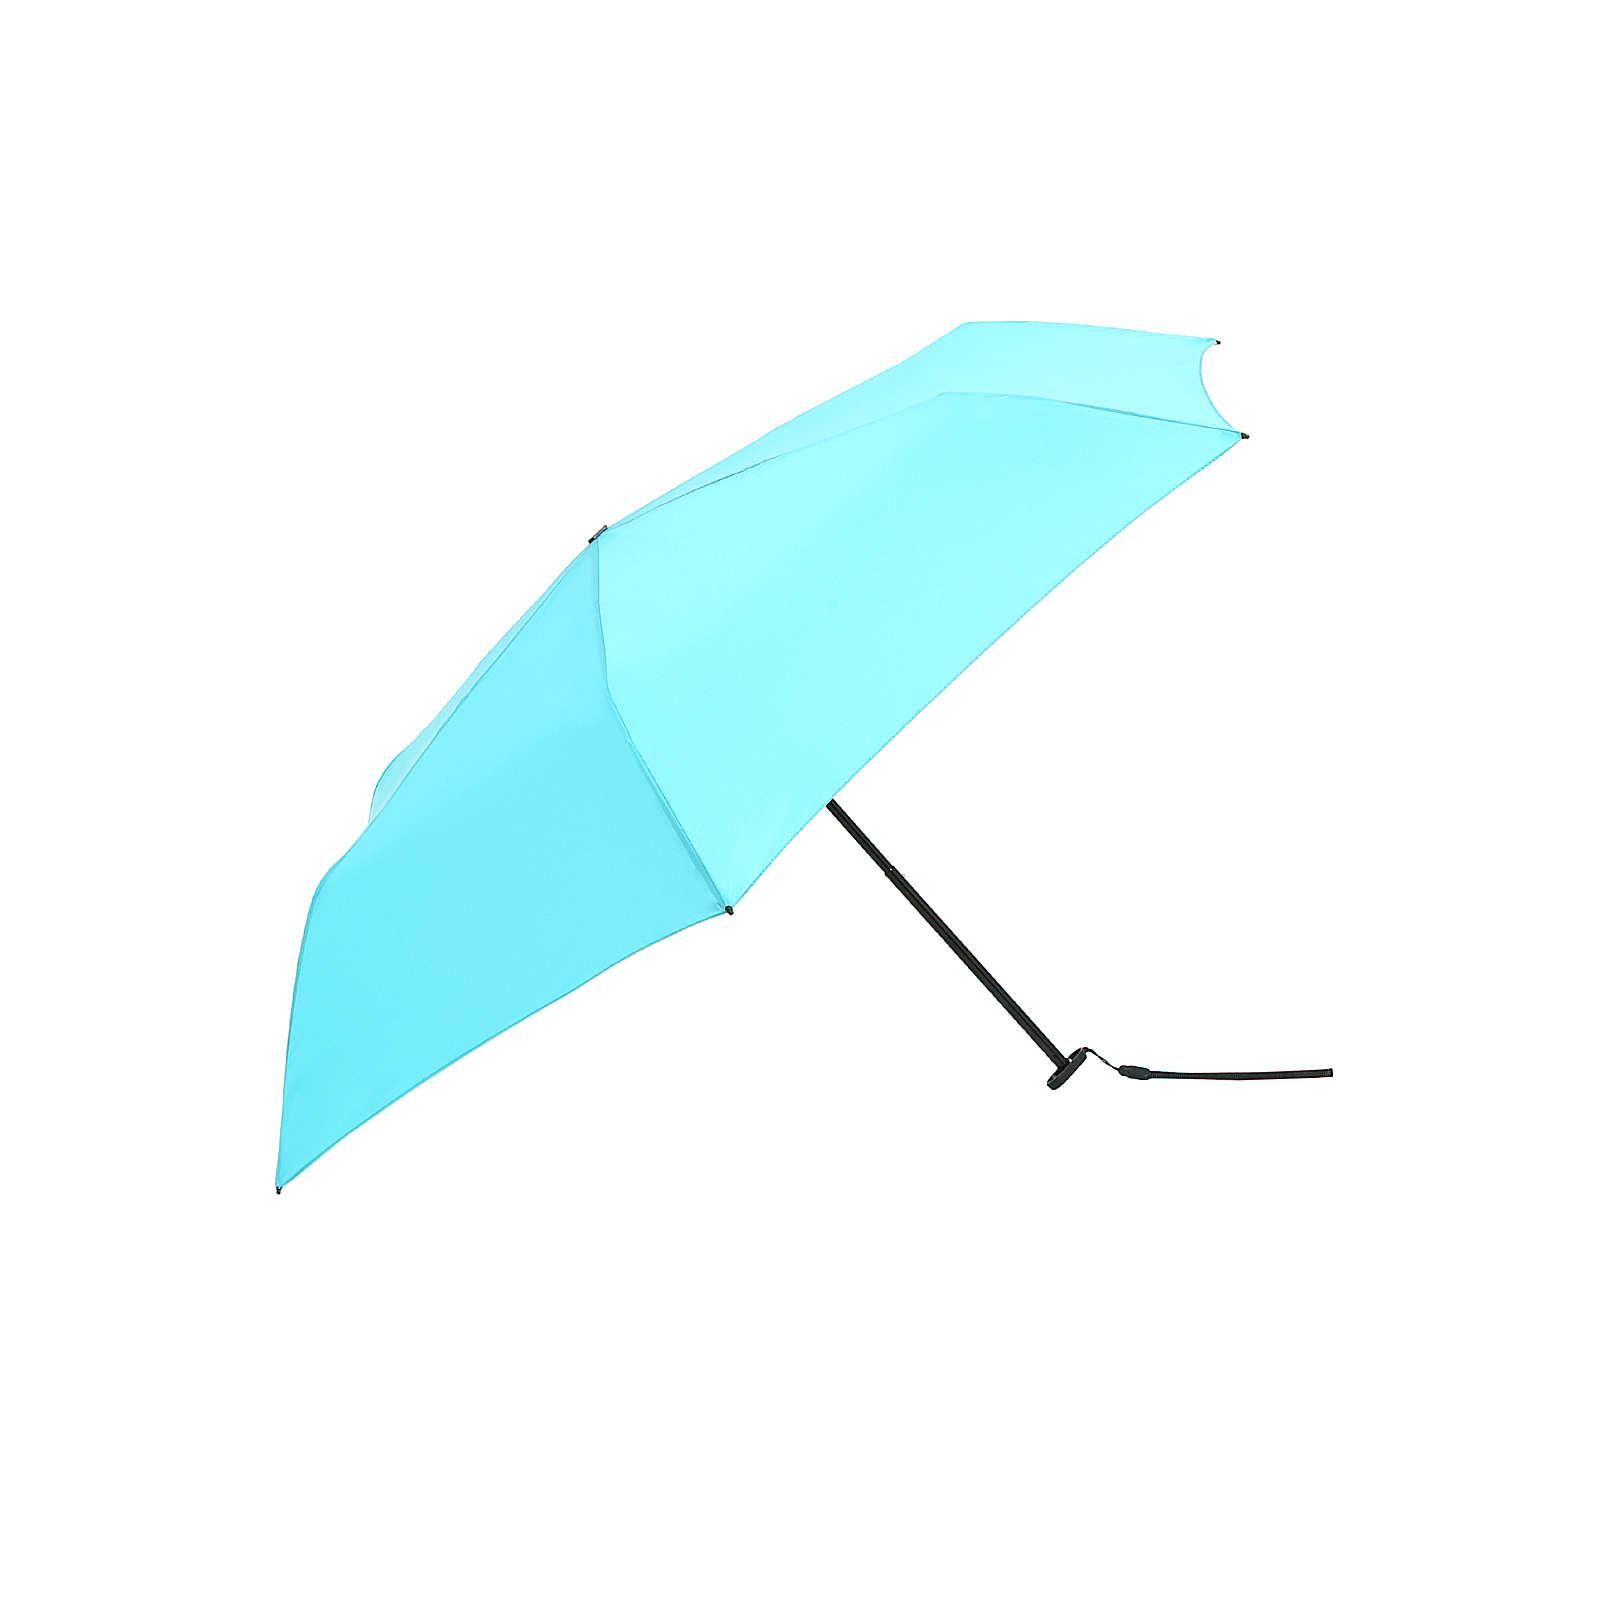 Knirps Regenschirm US.050 Ultra Light Slim Manual Regenschirme blau Herren Gr. one size